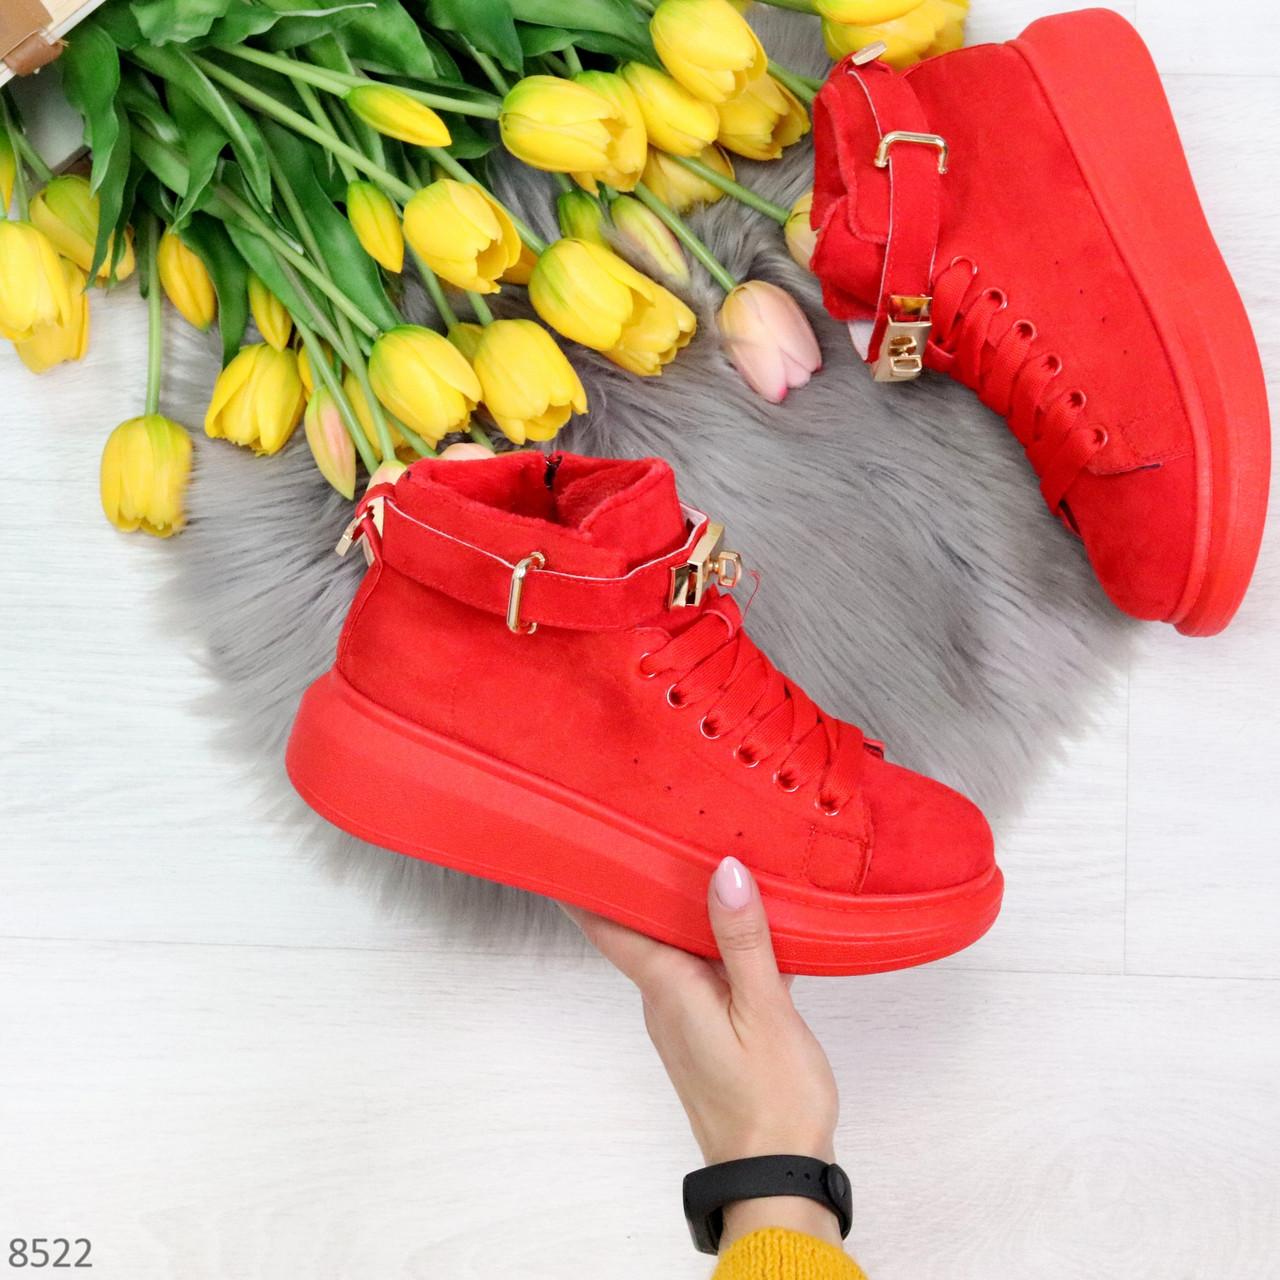 Яркие красные замшевые кроссовки на флисе с ремешком на щиколотке и навесными замочками